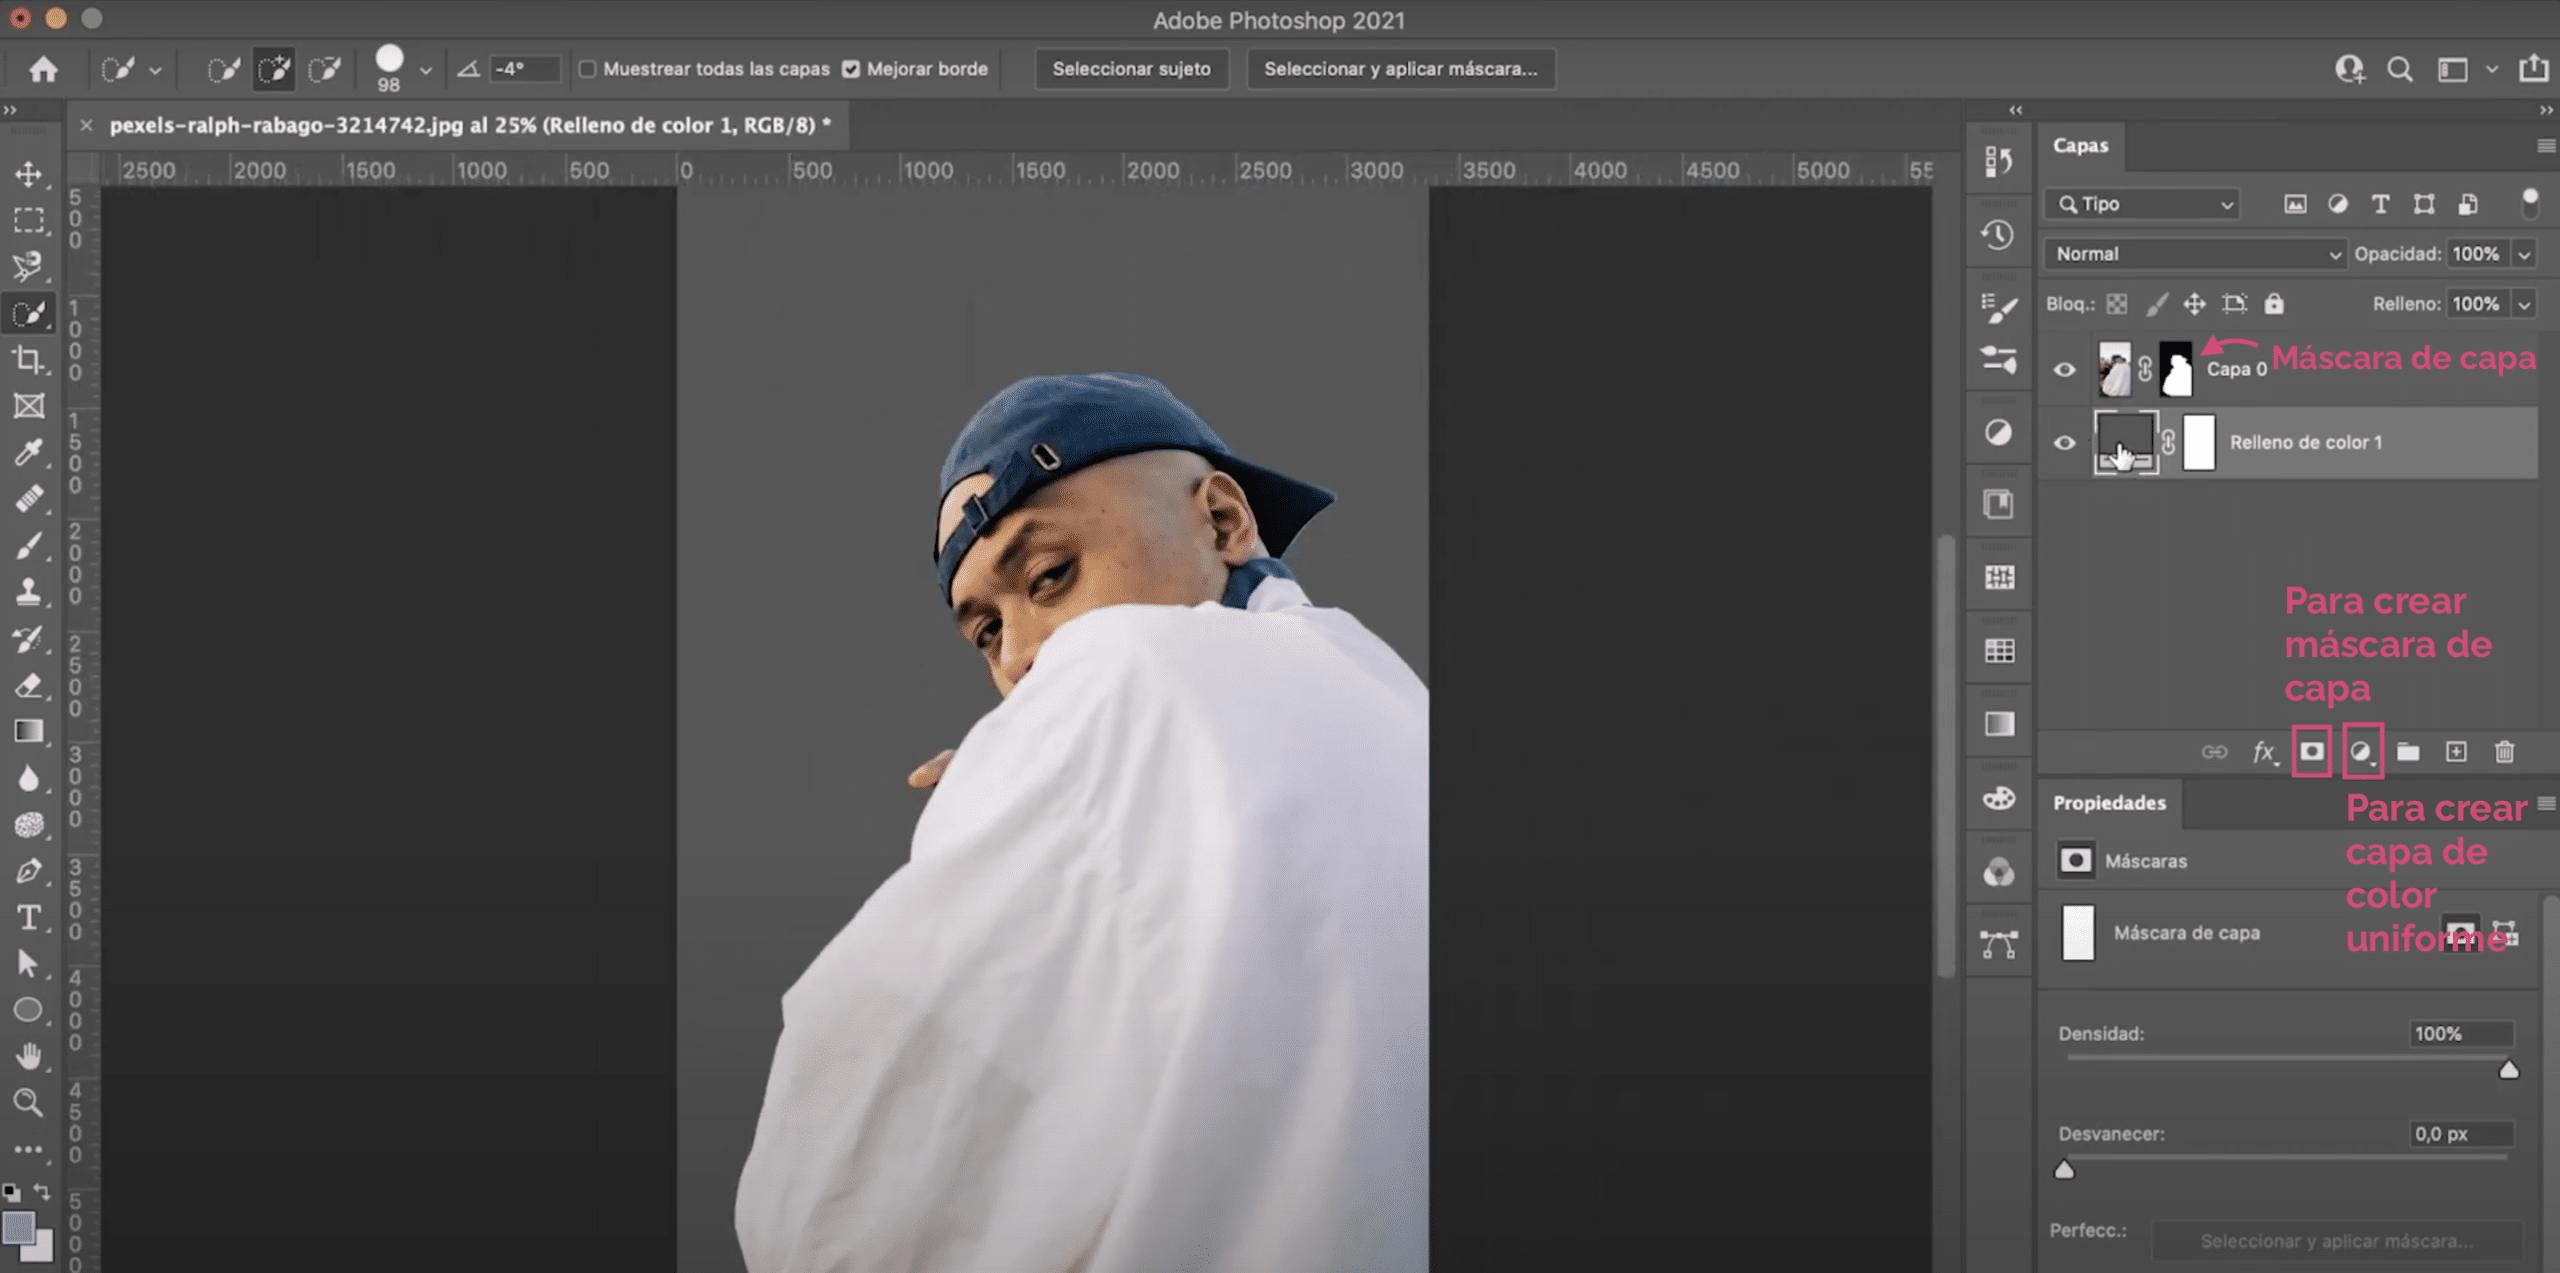 Photoshopでレイヤーマスクと単色レイヤーを作成します